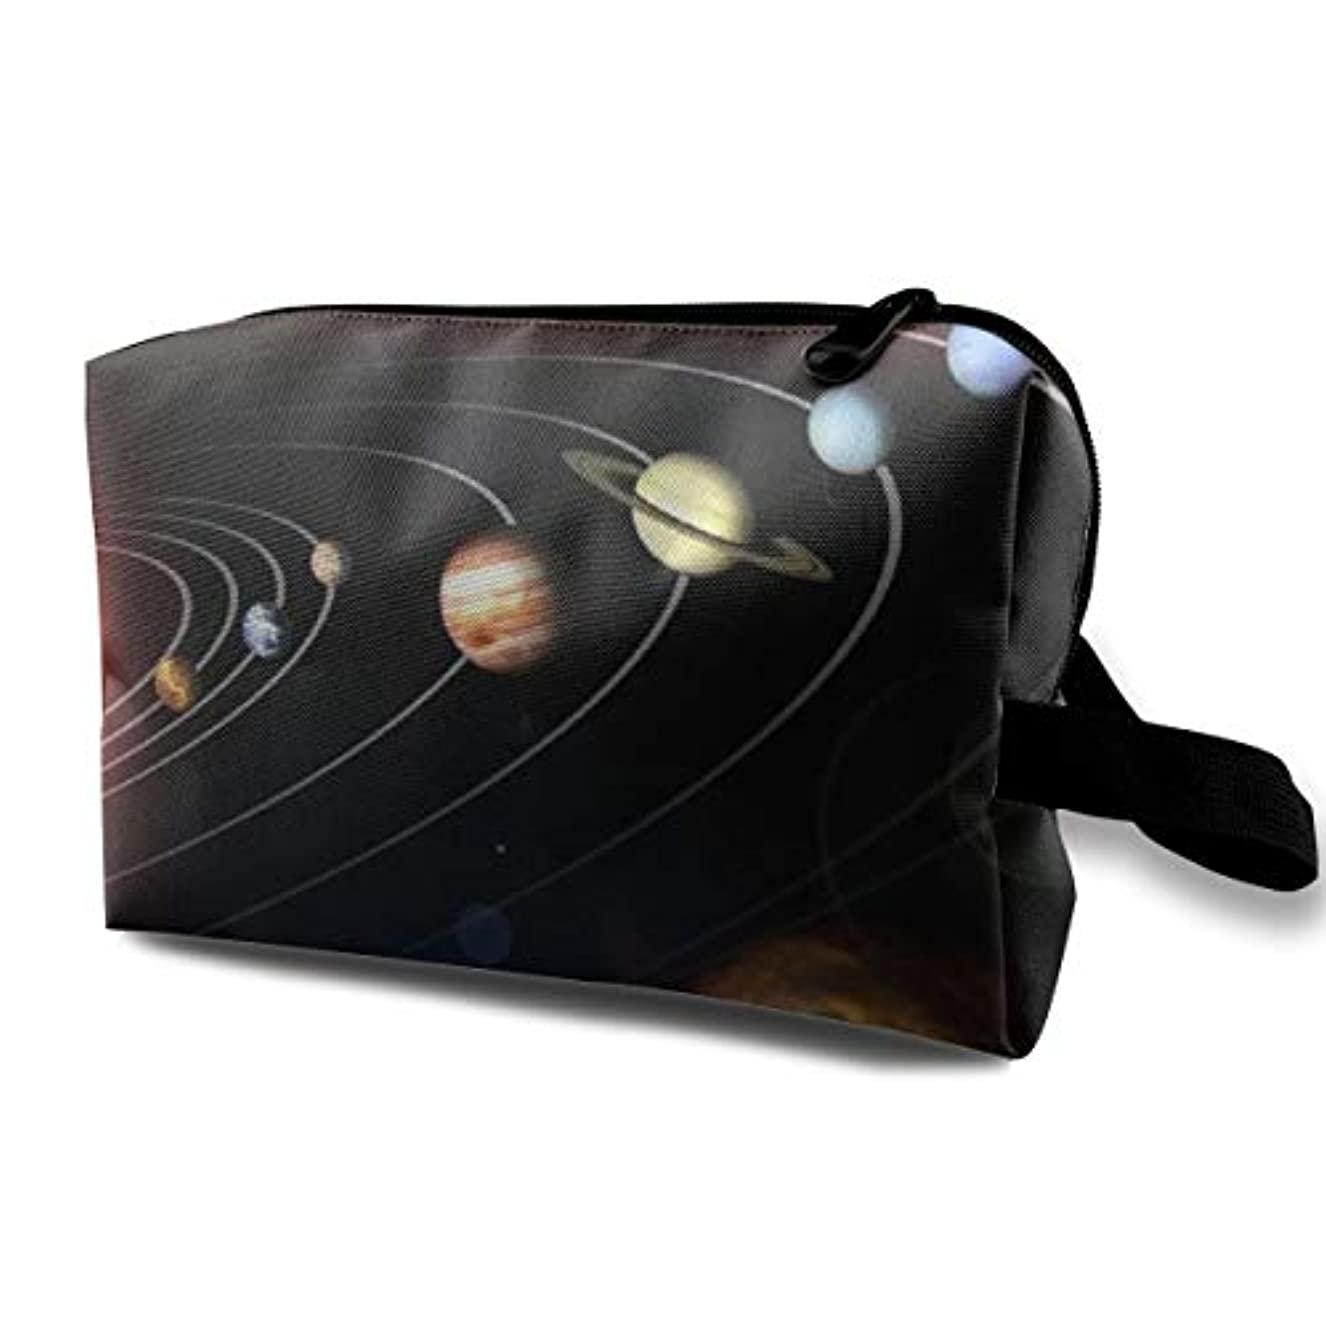 交換興奮する取るSolar System Galaxy World 収納ポーチ 化粧ポーチ 大容量 軽量 耐久性 ハンドル付持ち運び便利。入れ 自宅?出張?旅行?アウトドア撮影などに対応。メンズ レディース トラベルグッズ